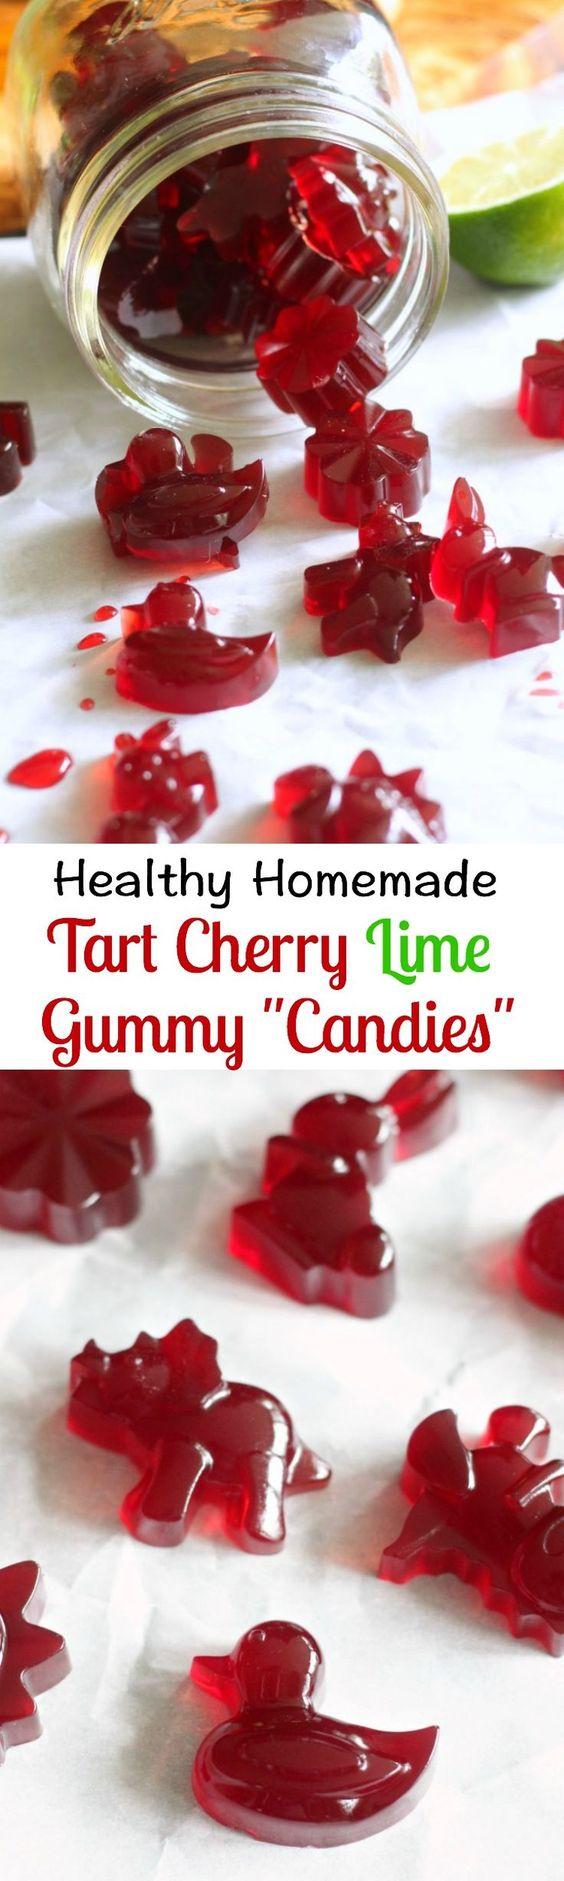 tart-cherry-lime-gummy-candies-paleo-gluten-free